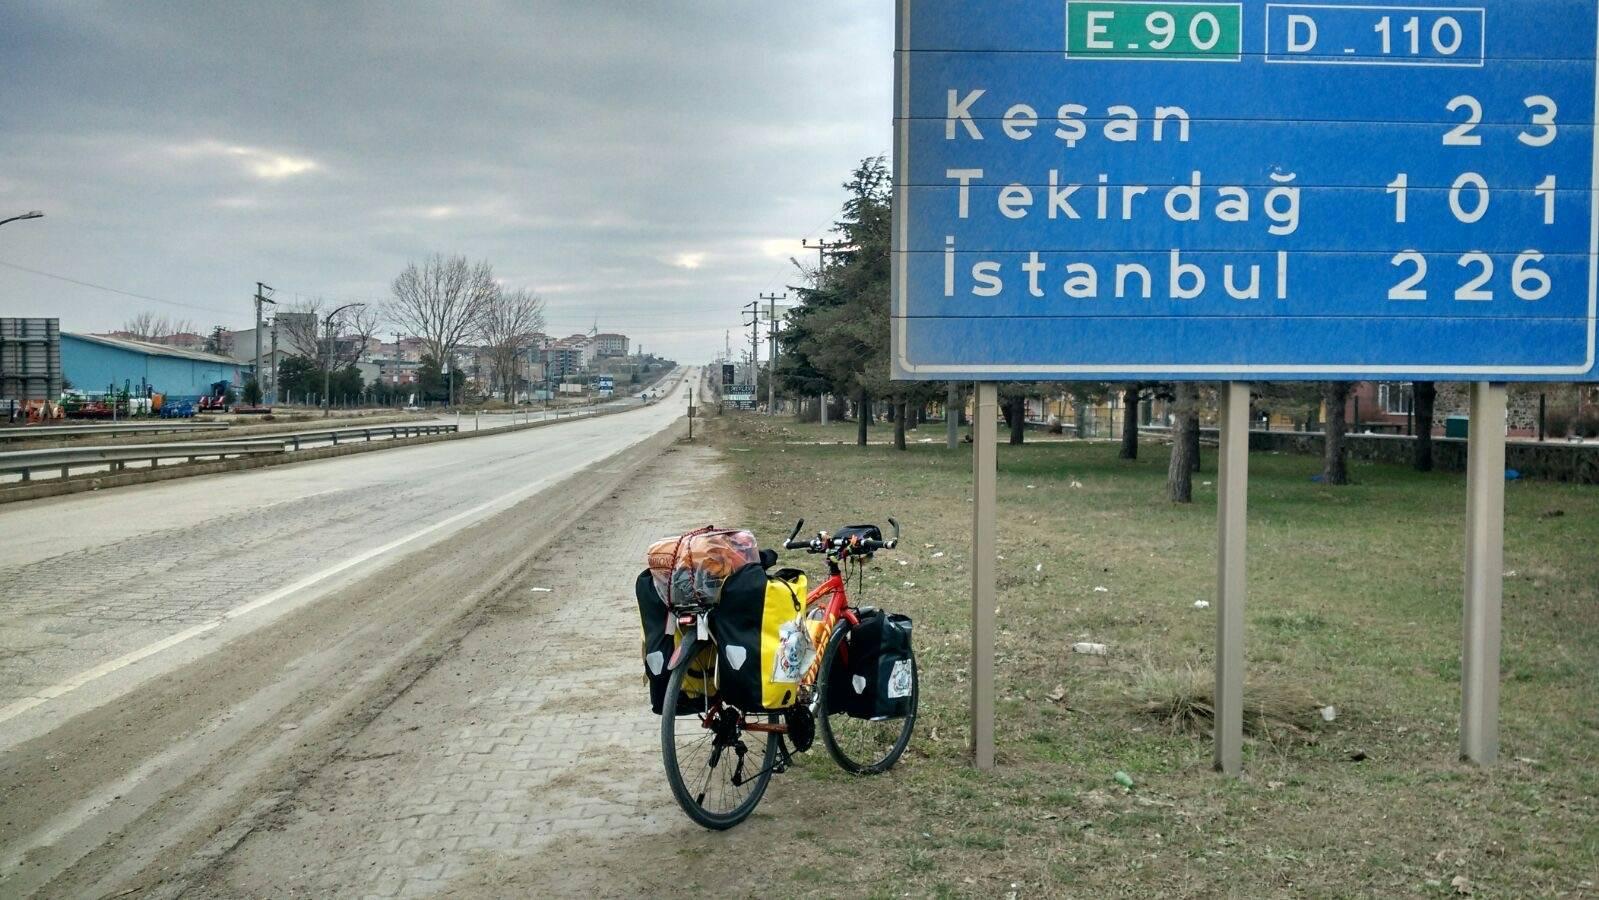 Perlé entrando en Turquía,el continente asiático se presenta ante nuestro caballero 7